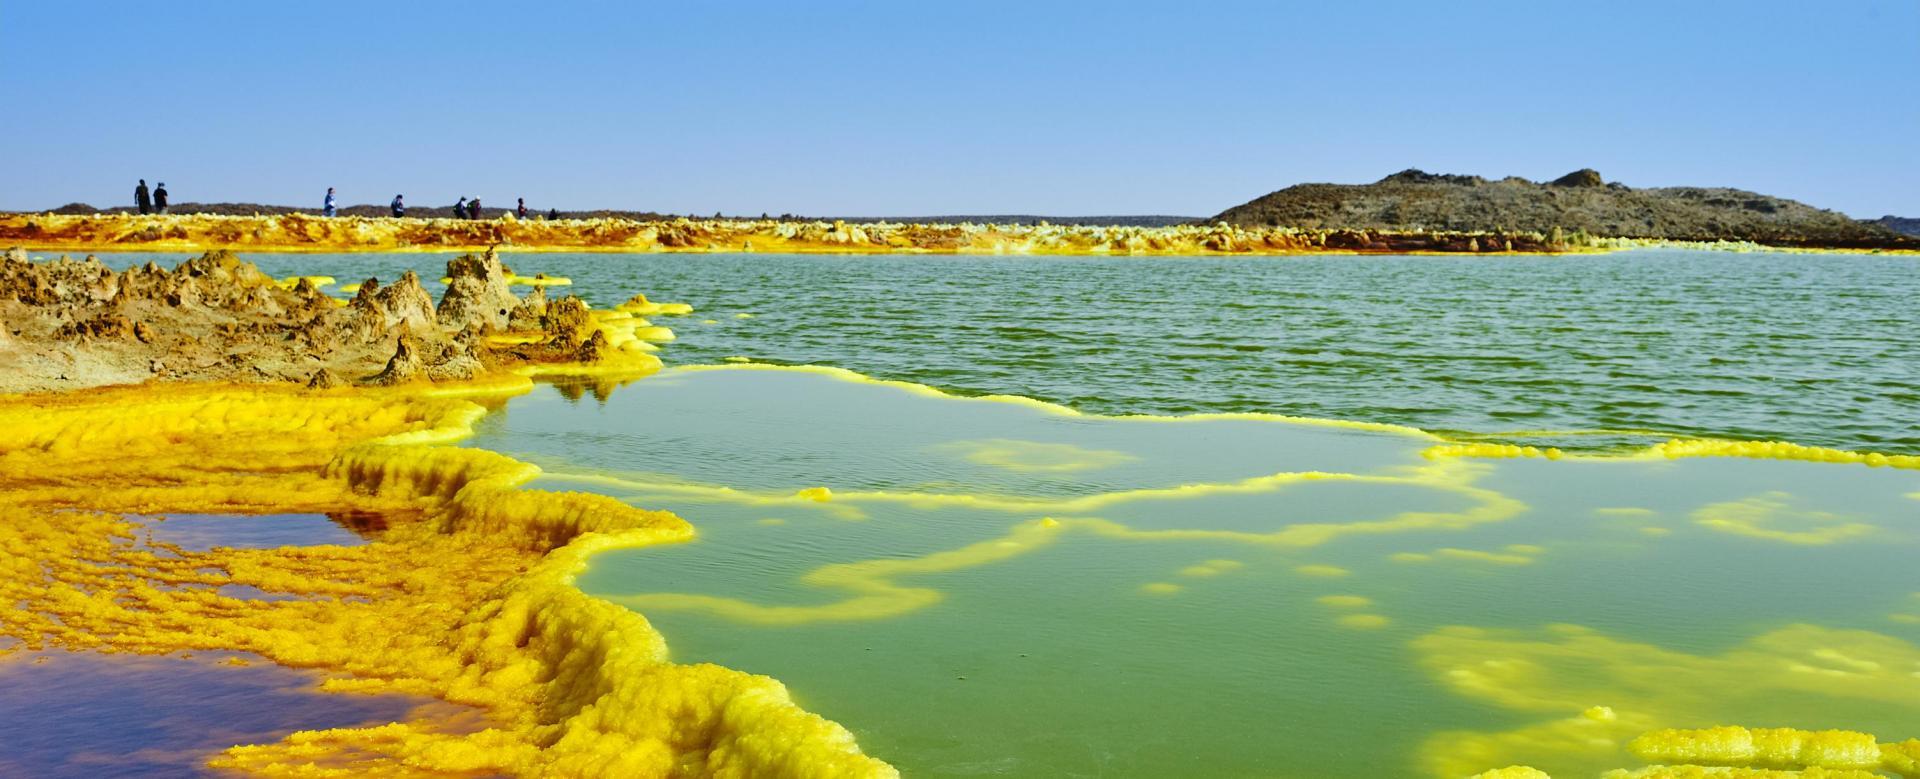 Voyage sur l'eau : Royaume d\'abyssinie et majestueux volcan dallol